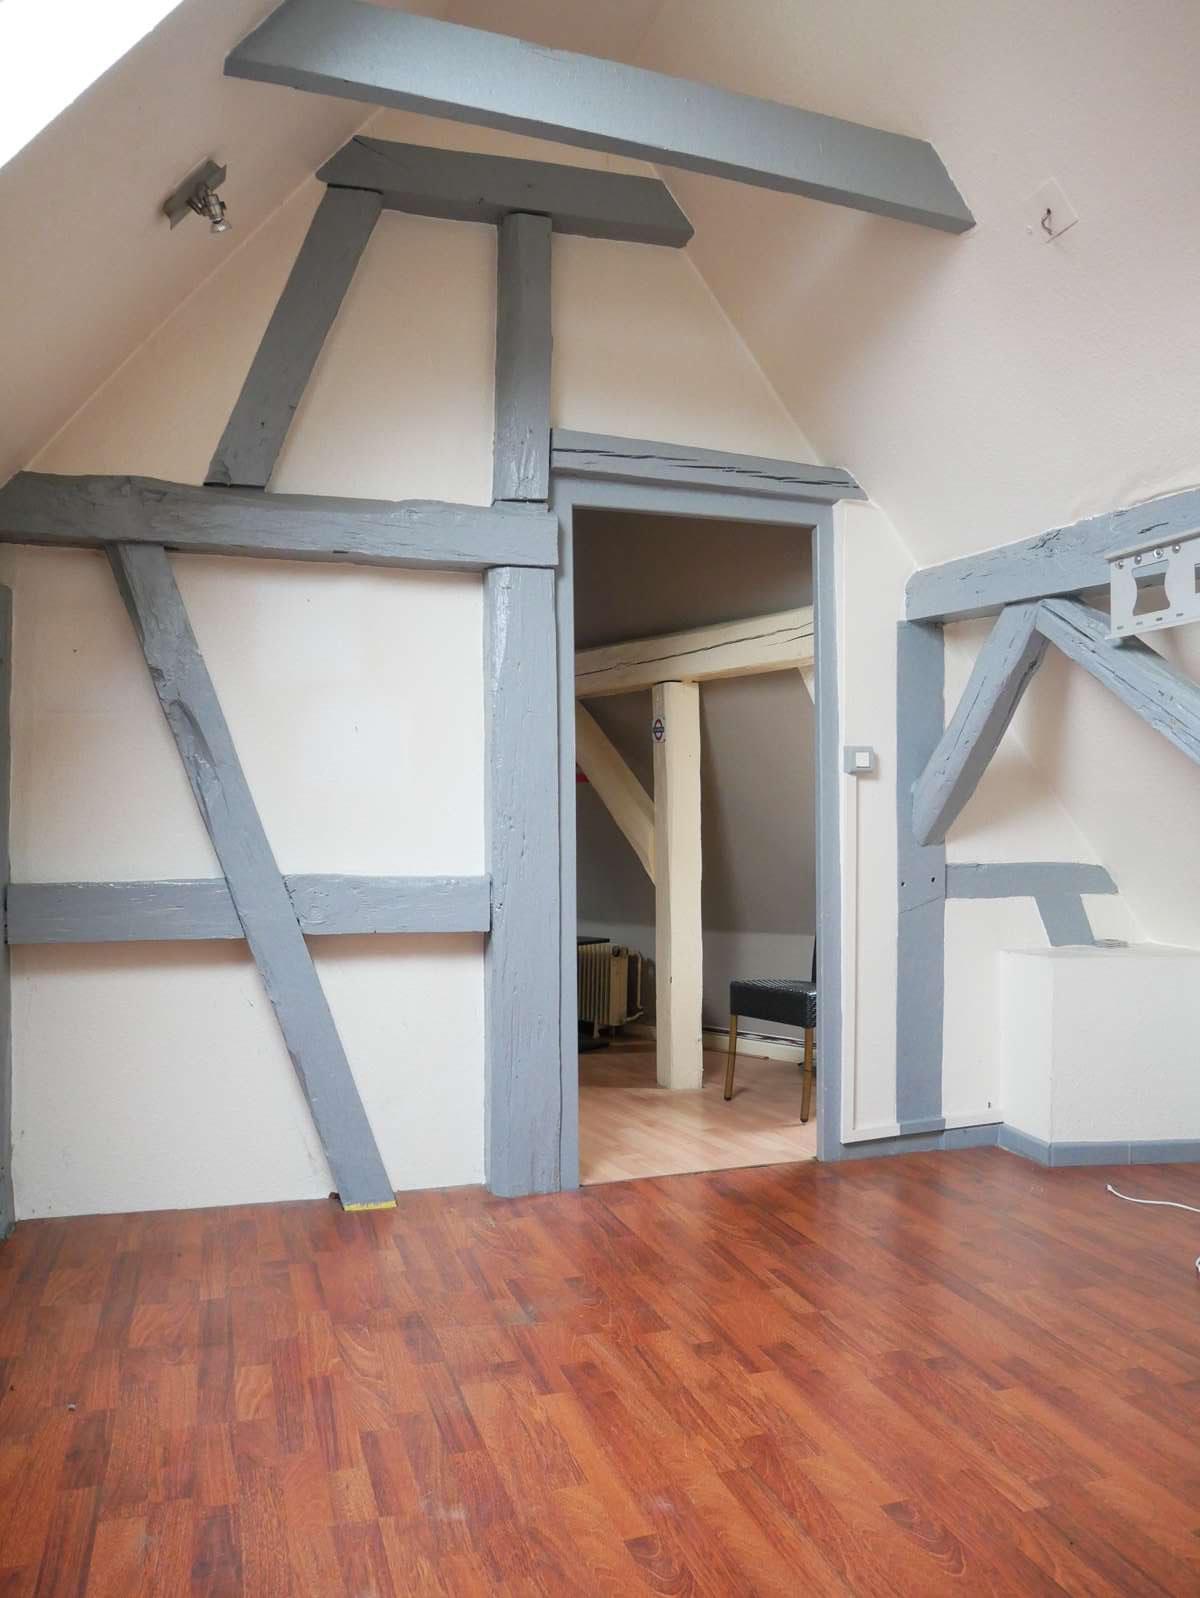 Très beaux murs commerciaux - Brumath centre / place de la Liberté - nos ventes - Beausite Immobilier 15